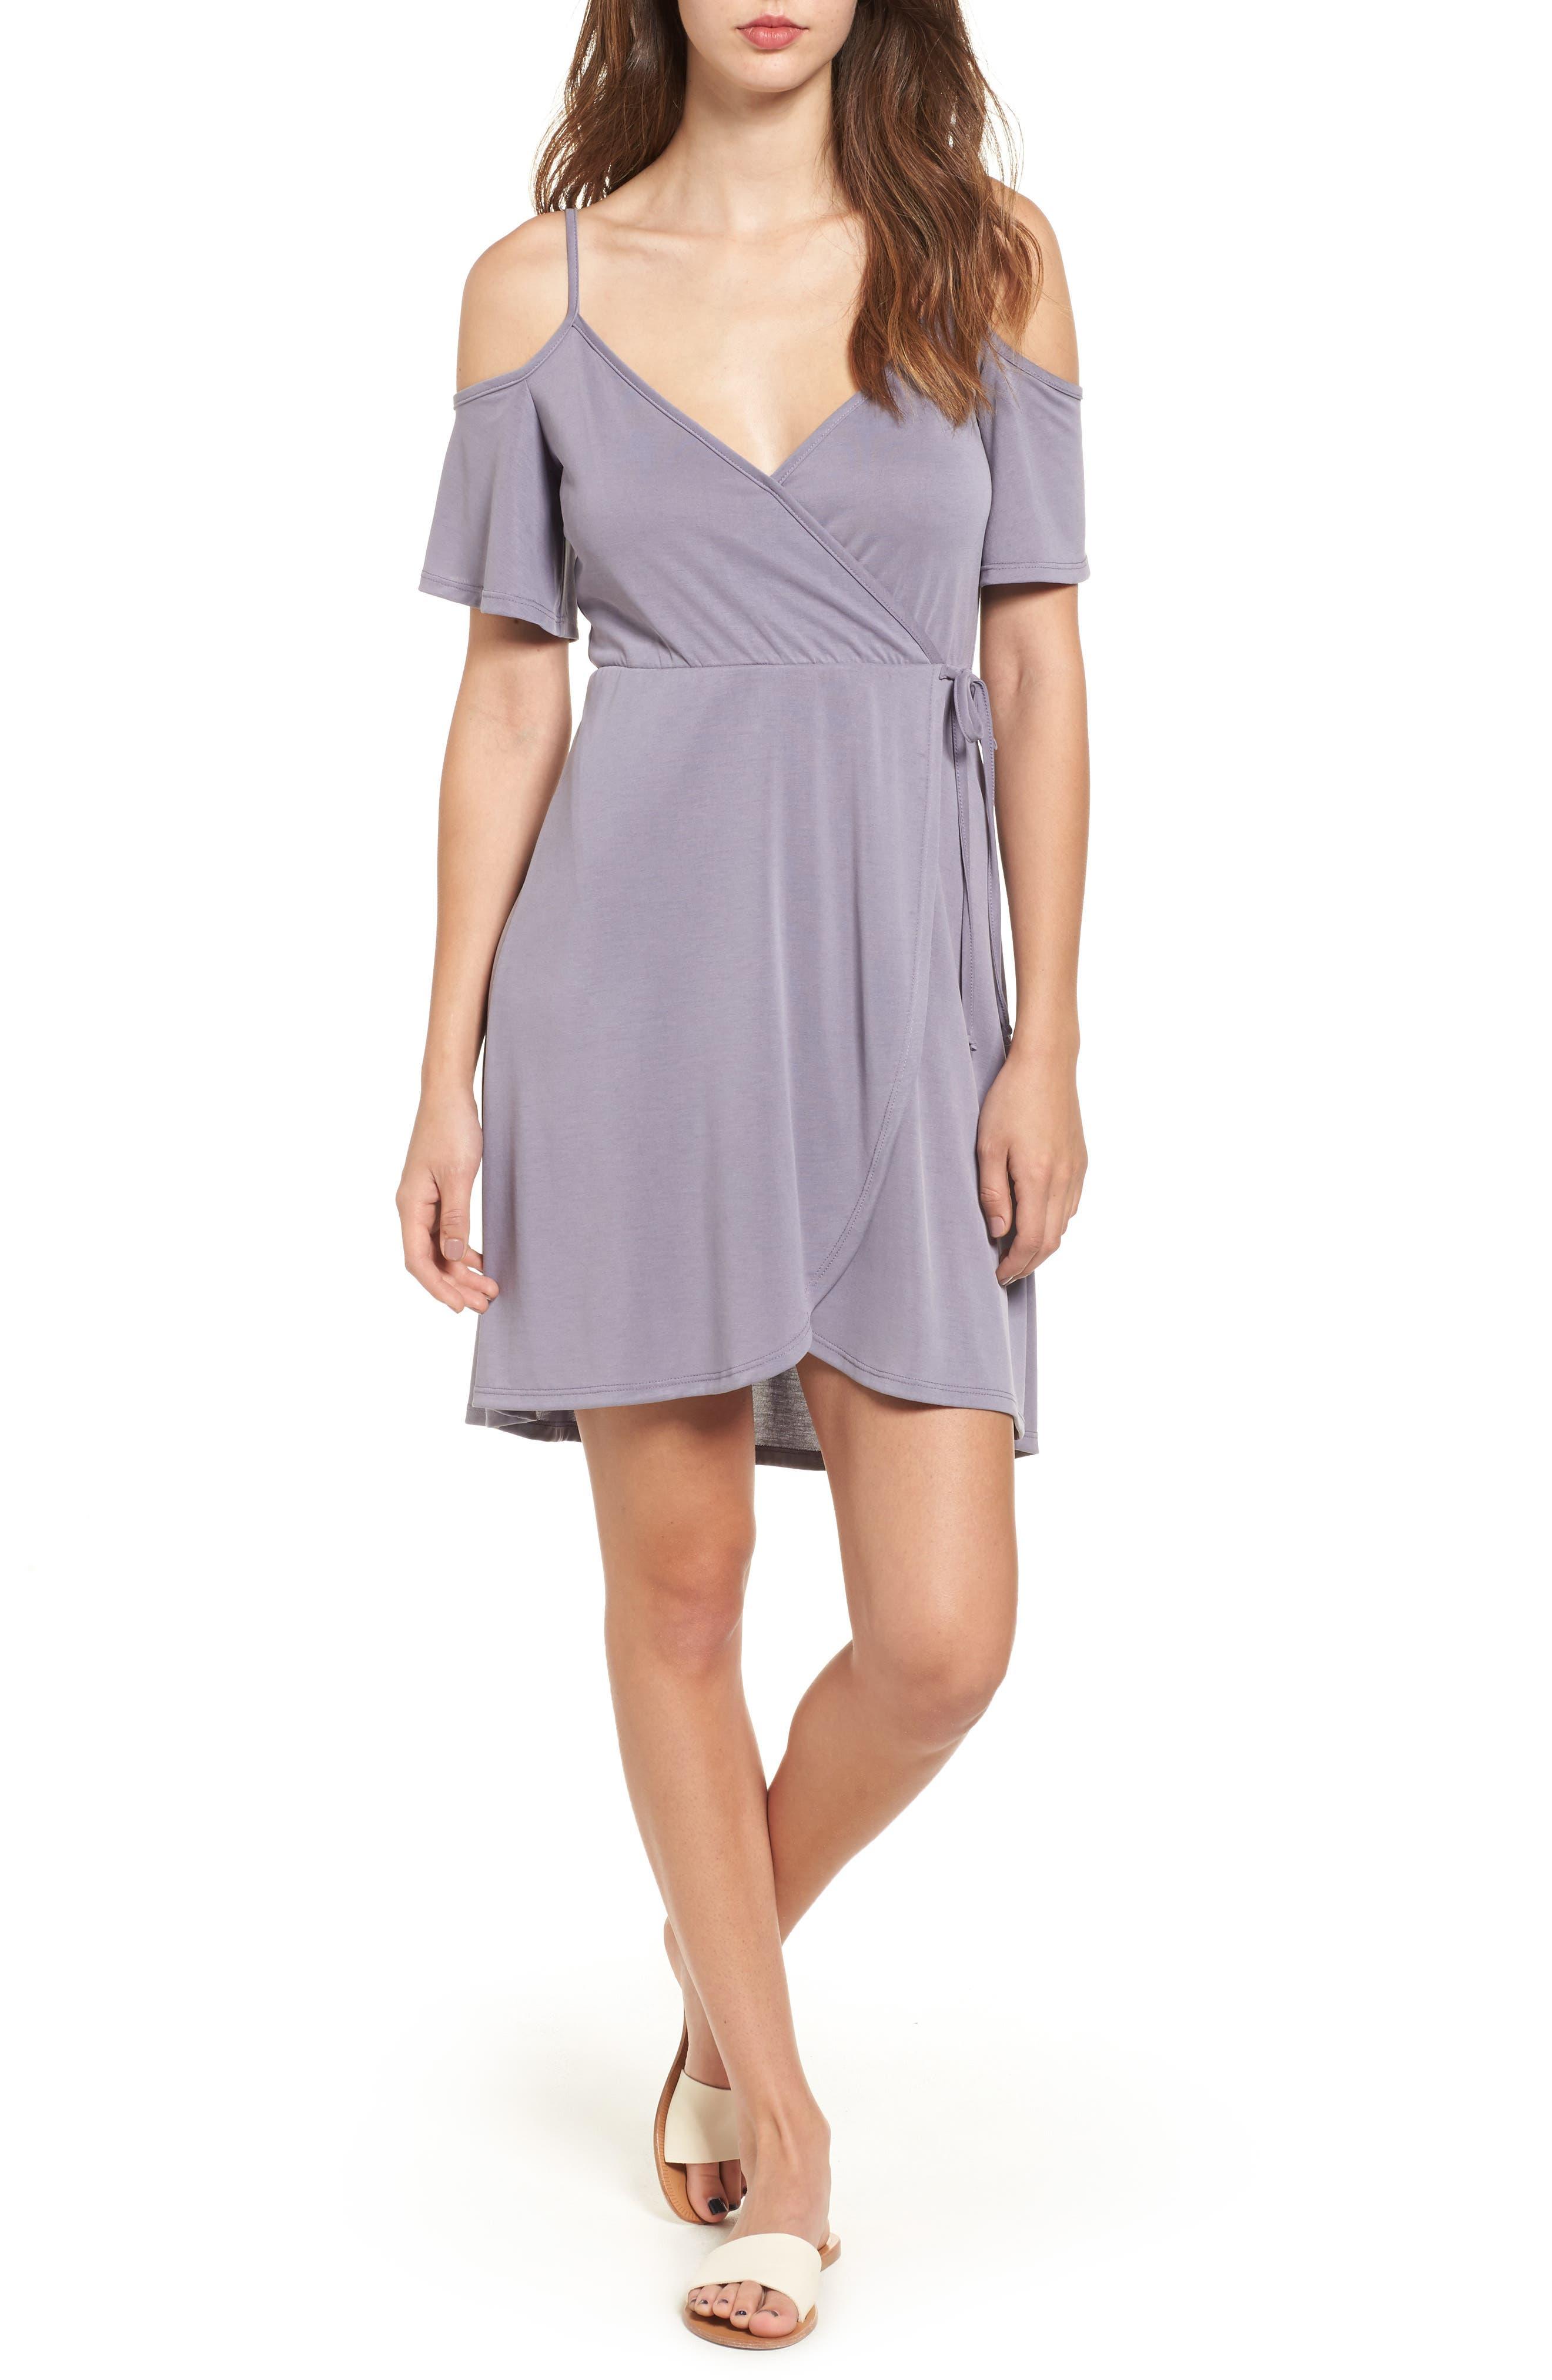 Socialite Faux Wrap Cold Shoulder Dress